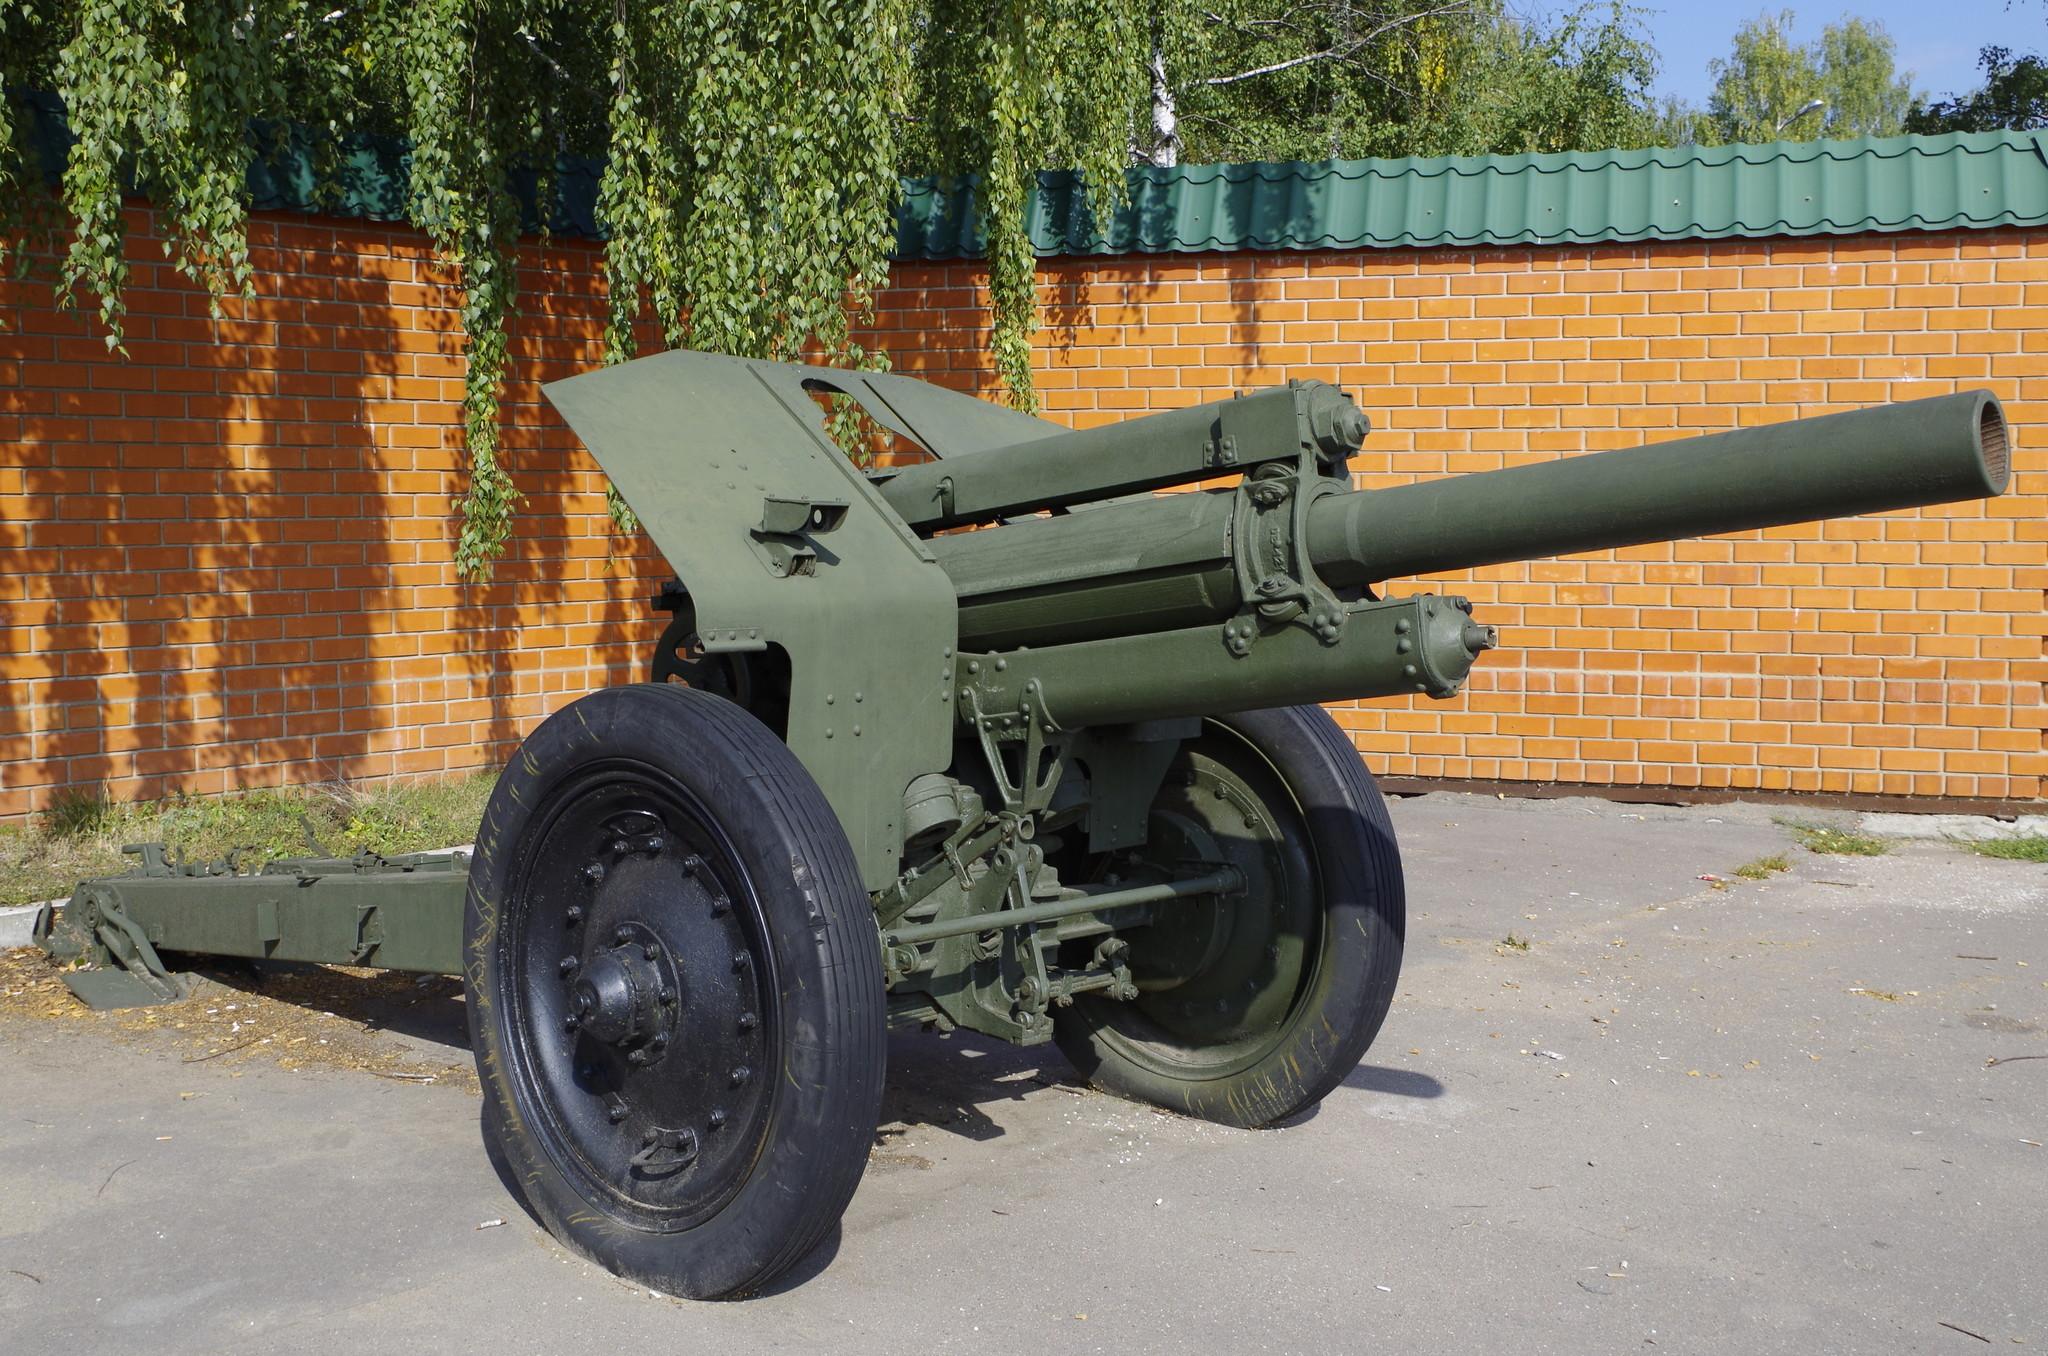 122-мм гаубица М-30 образца 1938 года в Центре военно-патриотического воспитания и физической подготовки допризывной и призывной молодежи ЮВАО (улица Заречье, владение 3)